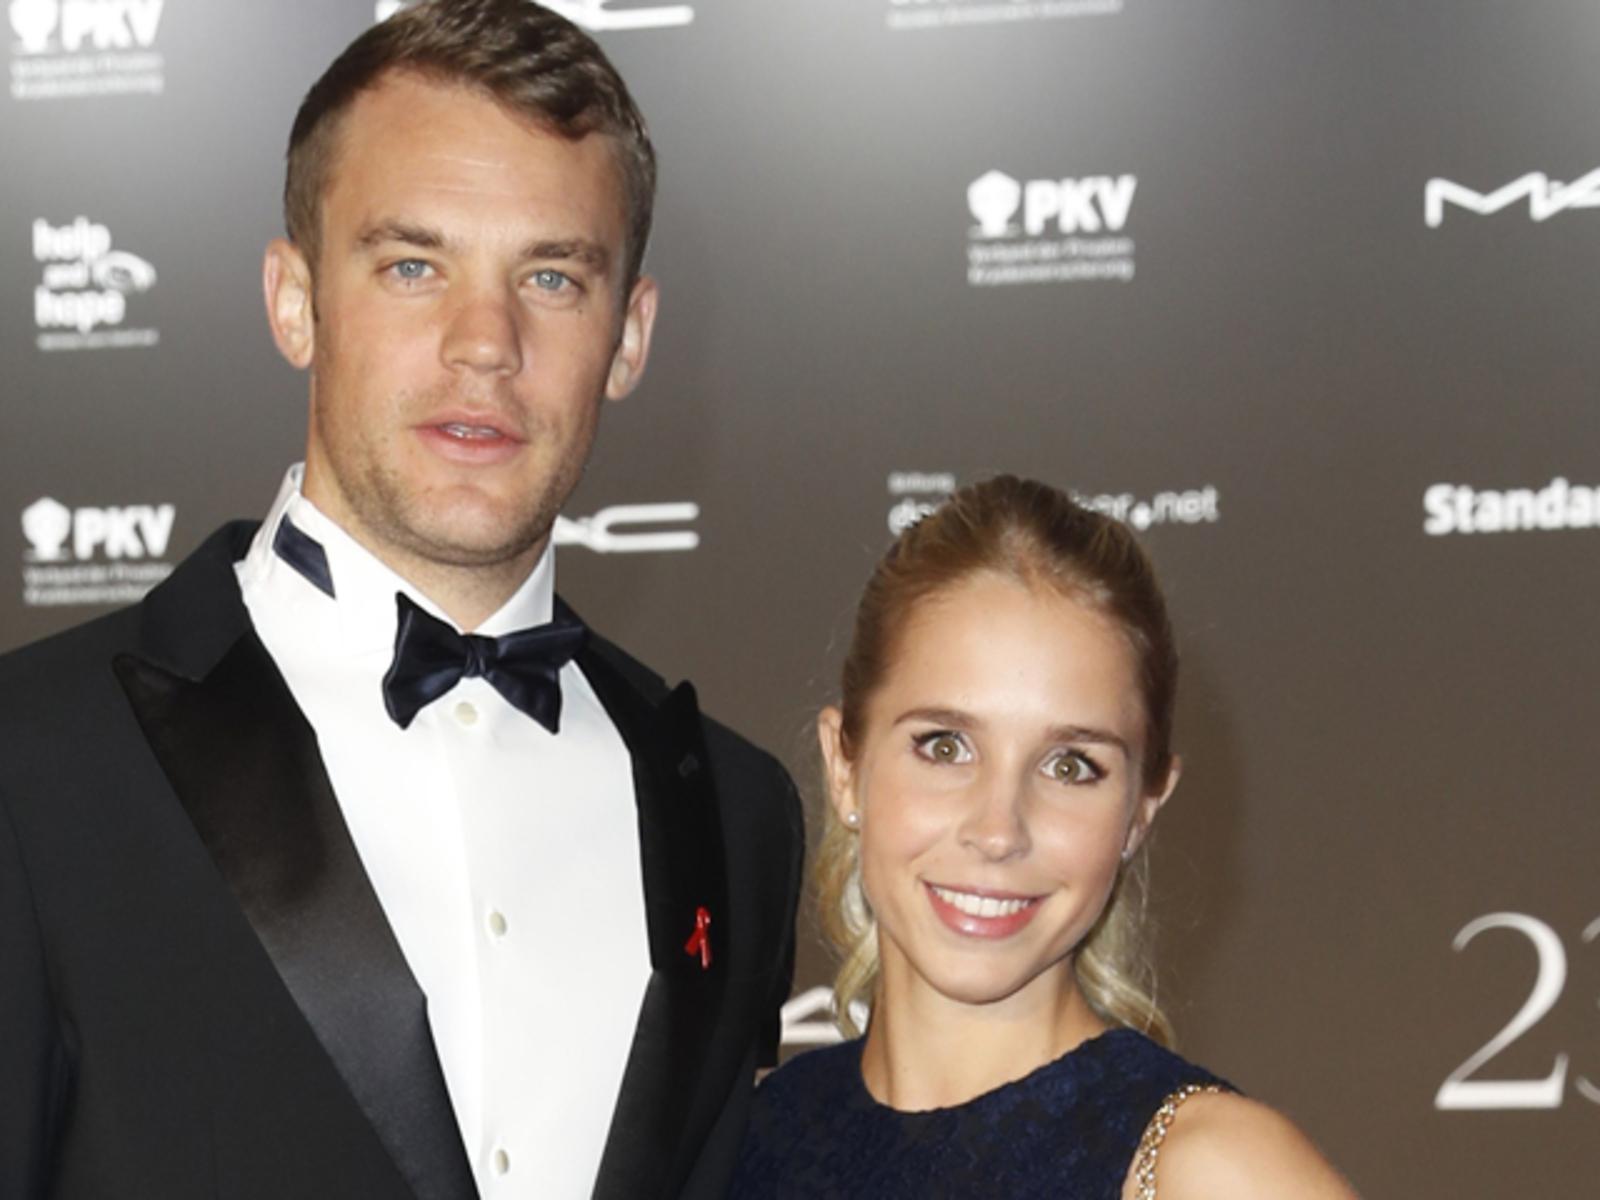 Nina und manuel hochzeit neuer Manuel Neuer/FC